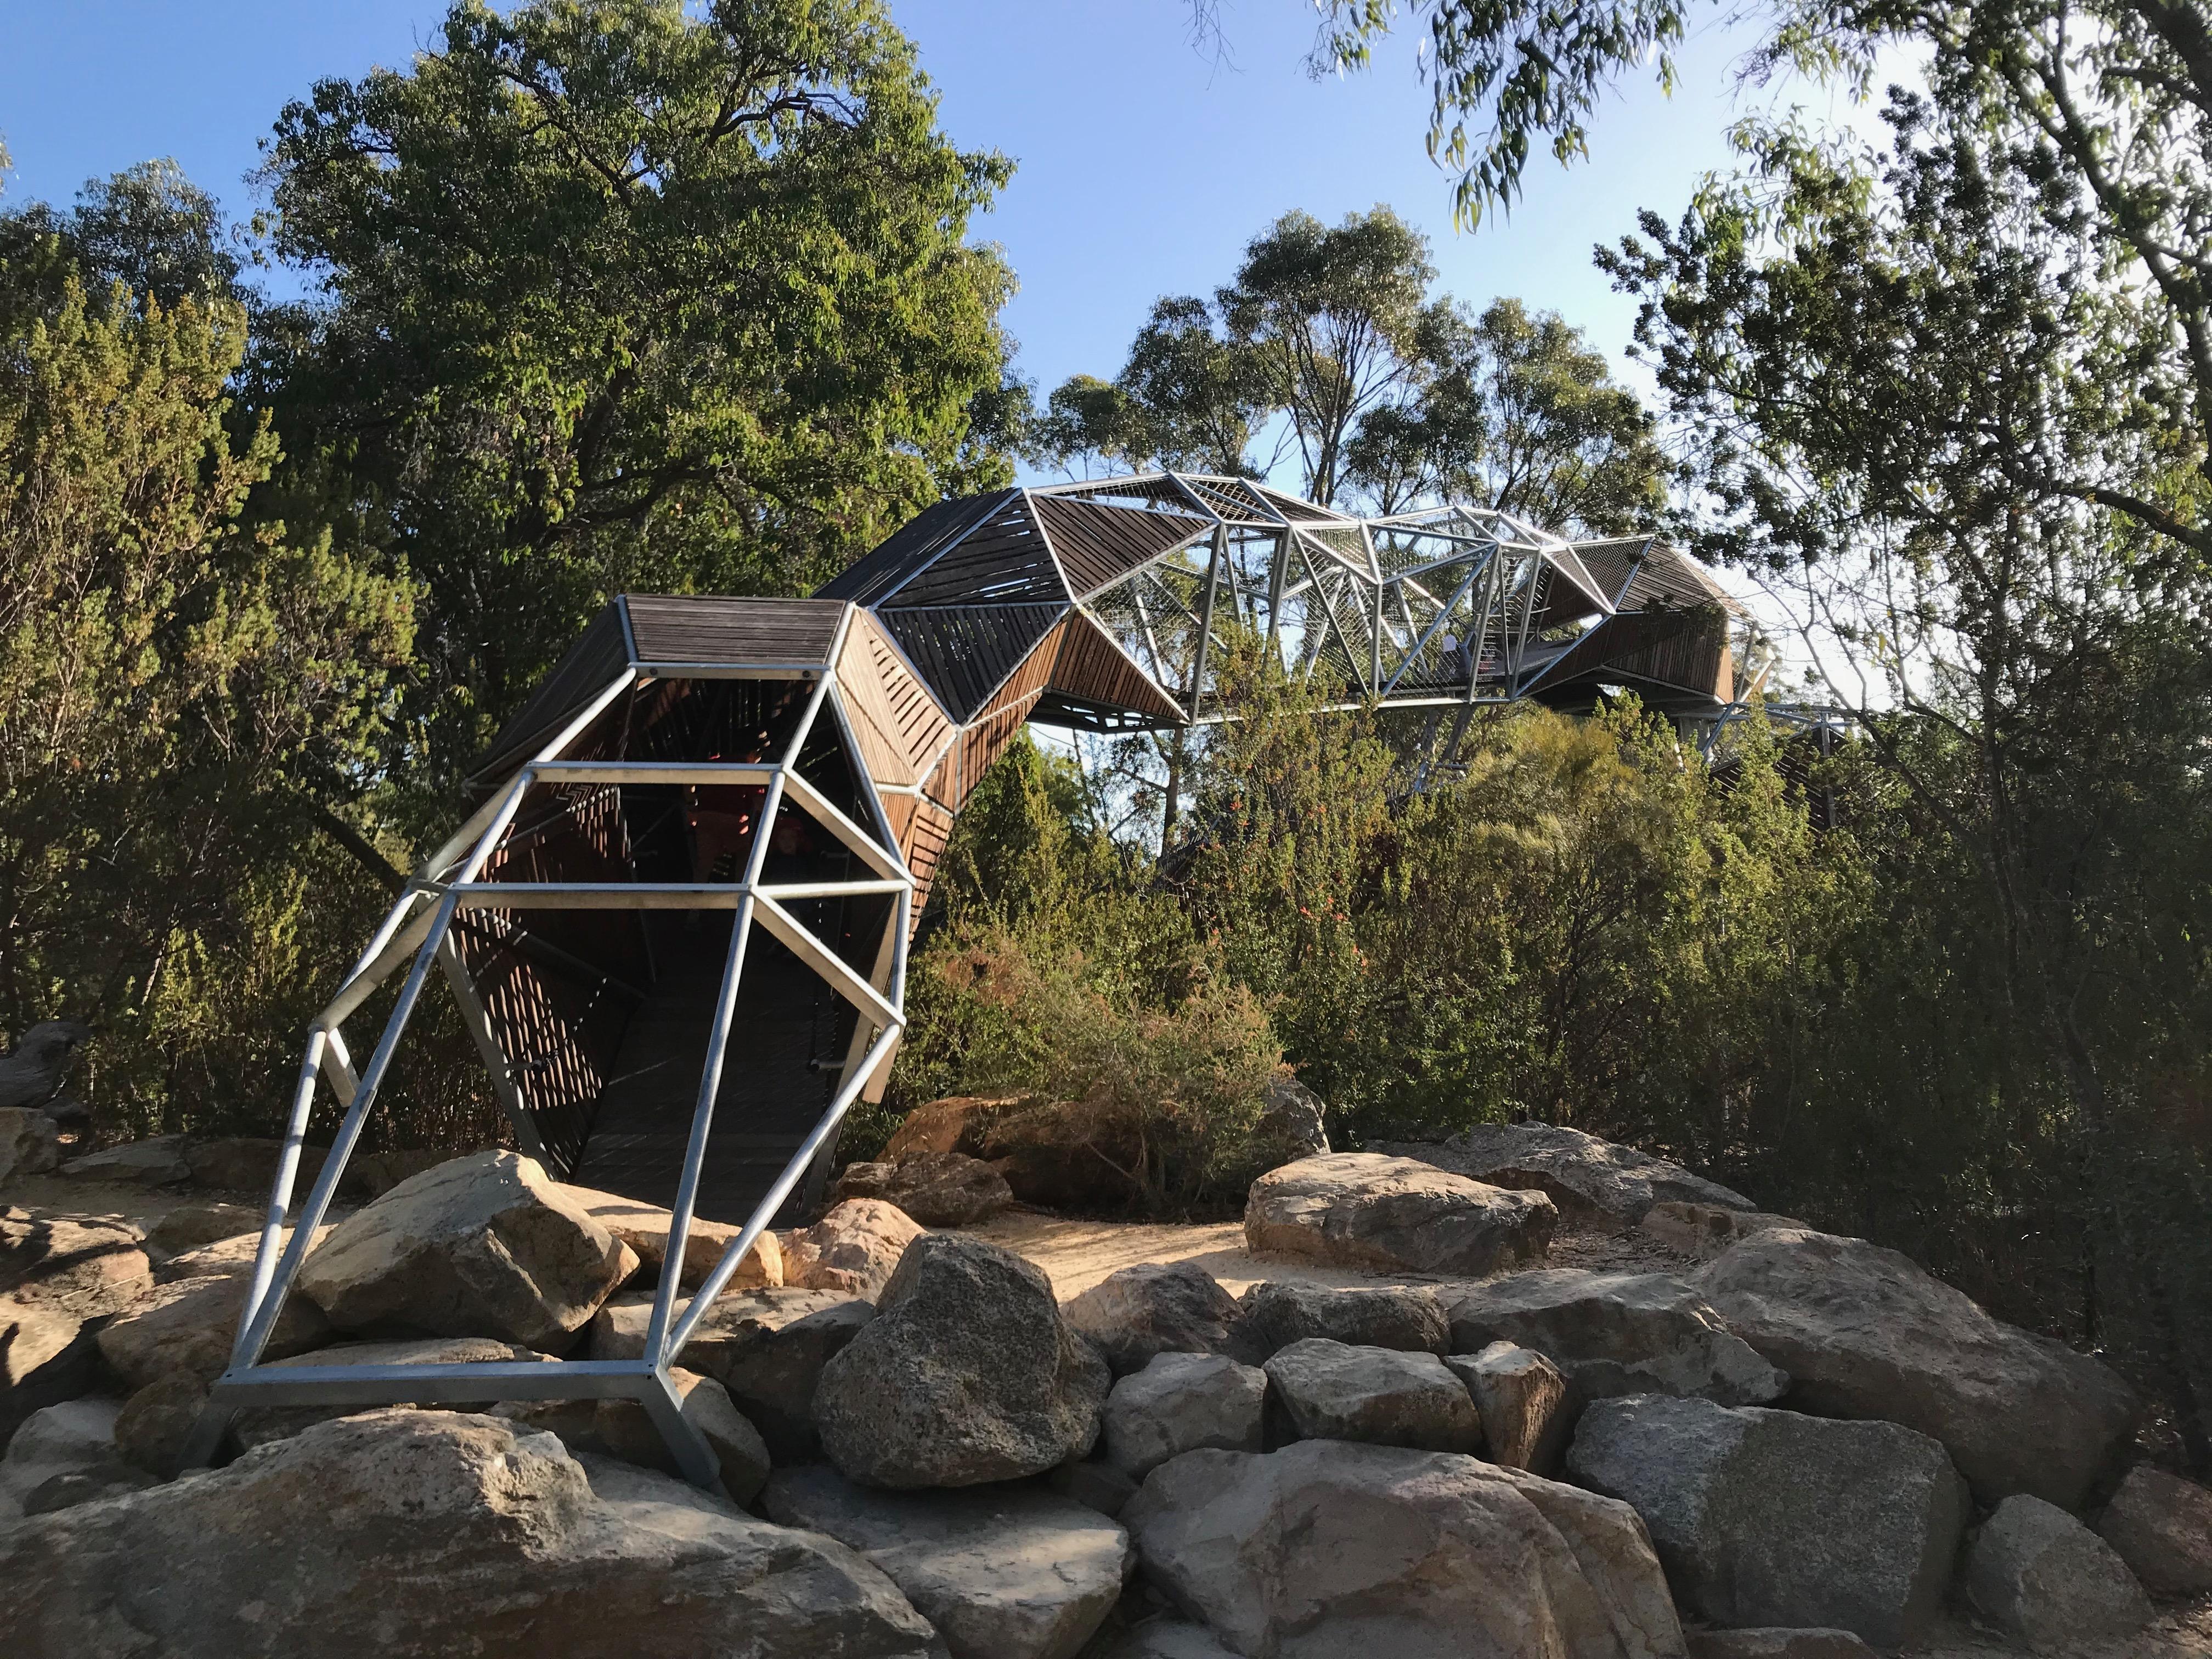 Rio Tinto Naturescape, Perth